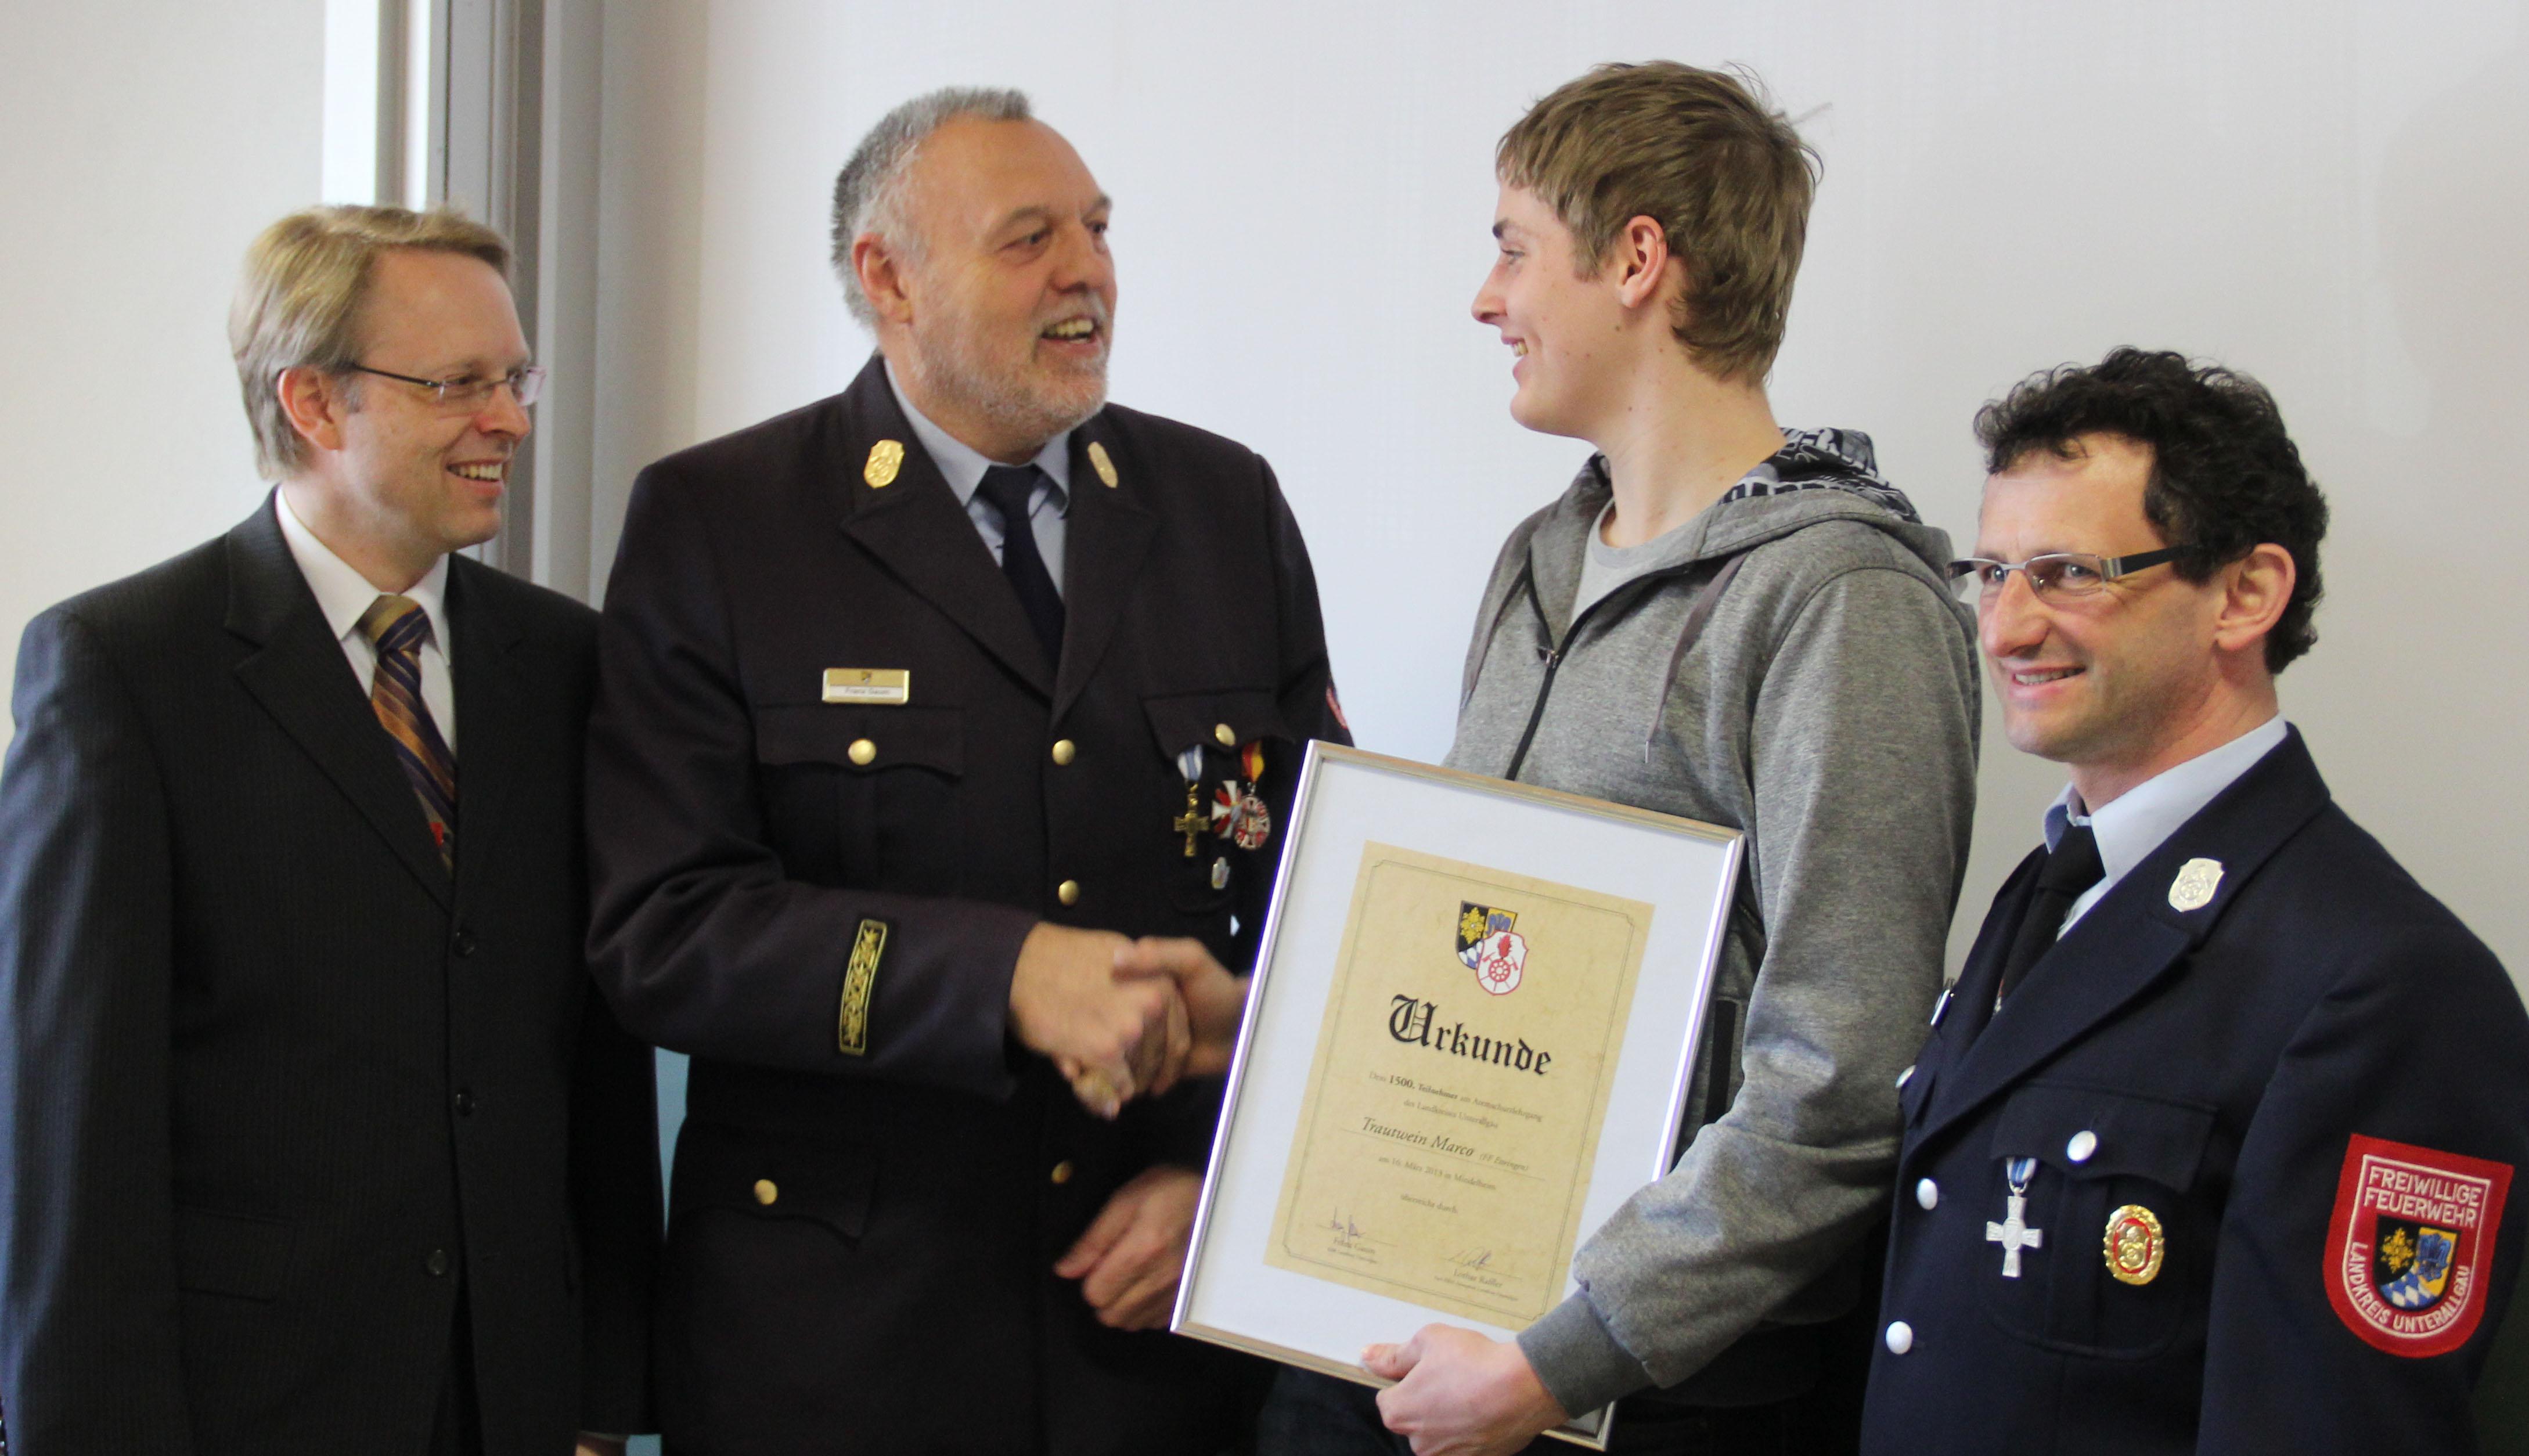 16-03-2013 kreisbrandinspektion-unterallgäu atemschutzgeräteträgerlehrgang ehrung poeppel new-facts-eu20130316 titel